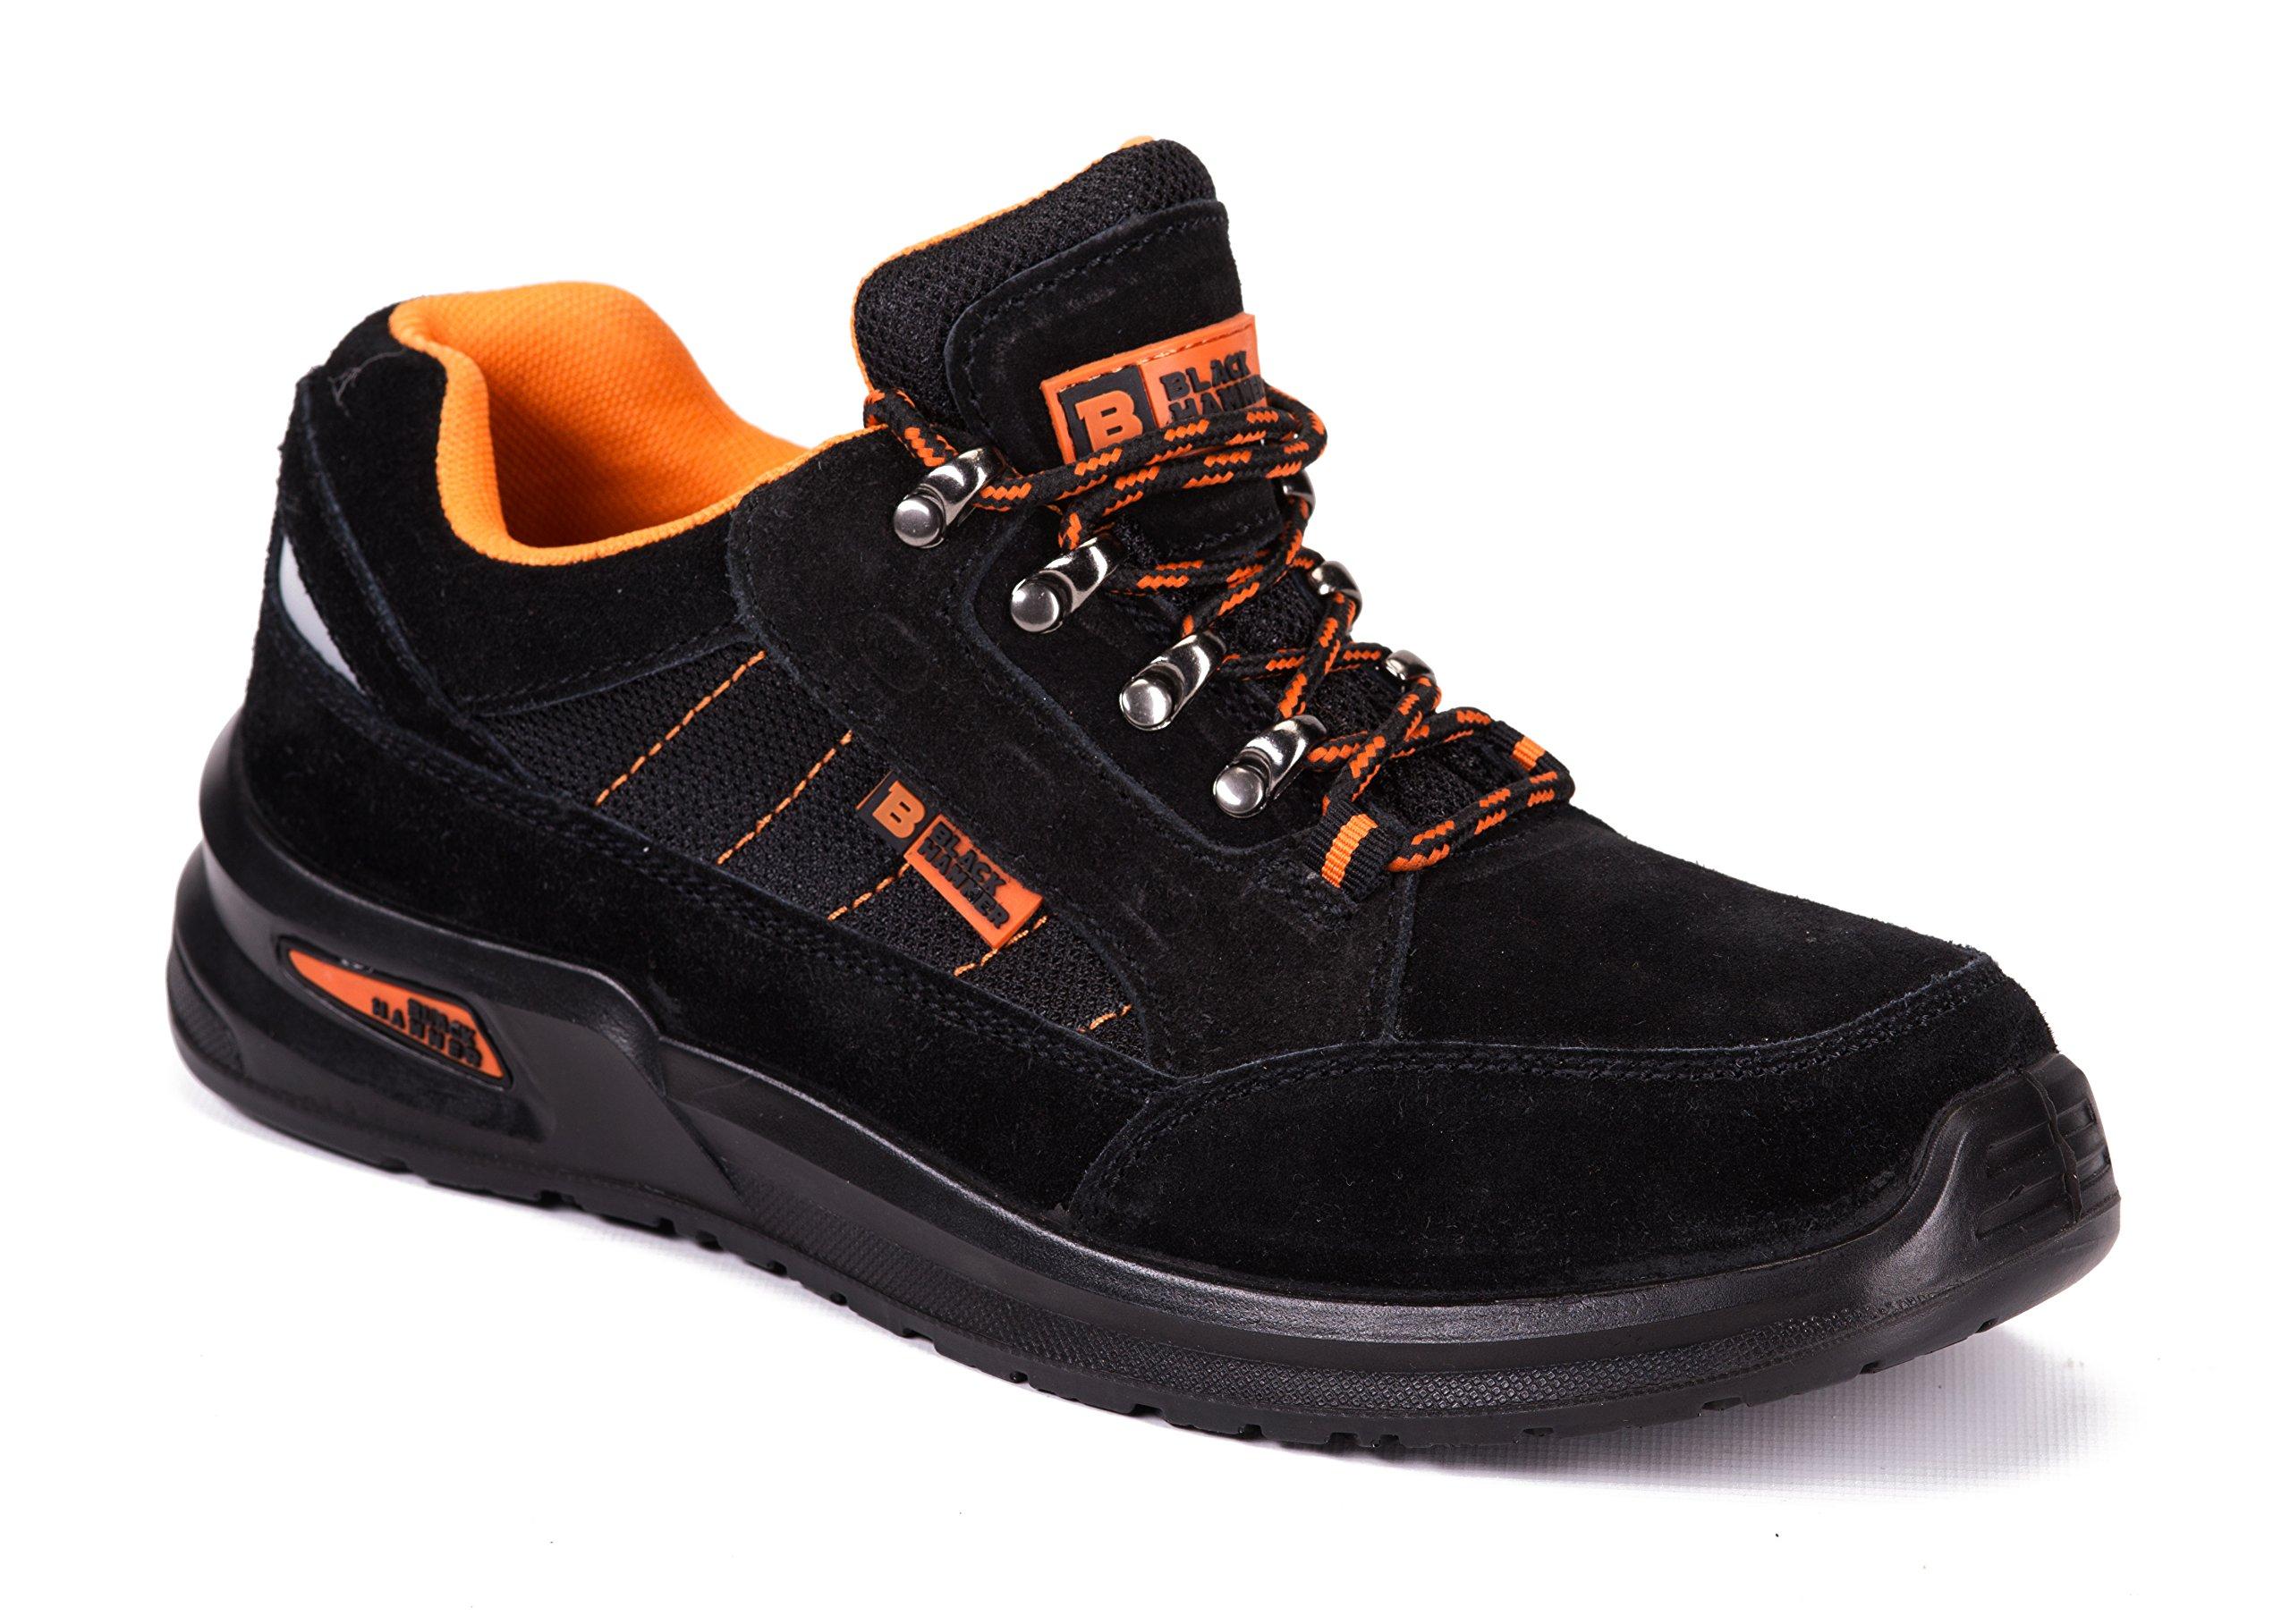 c4b198ac Botas para Hombre De Seguridad Puntera De Acero Zapatos De Trabajo  Senderismo Plantilla De Protección Unisex